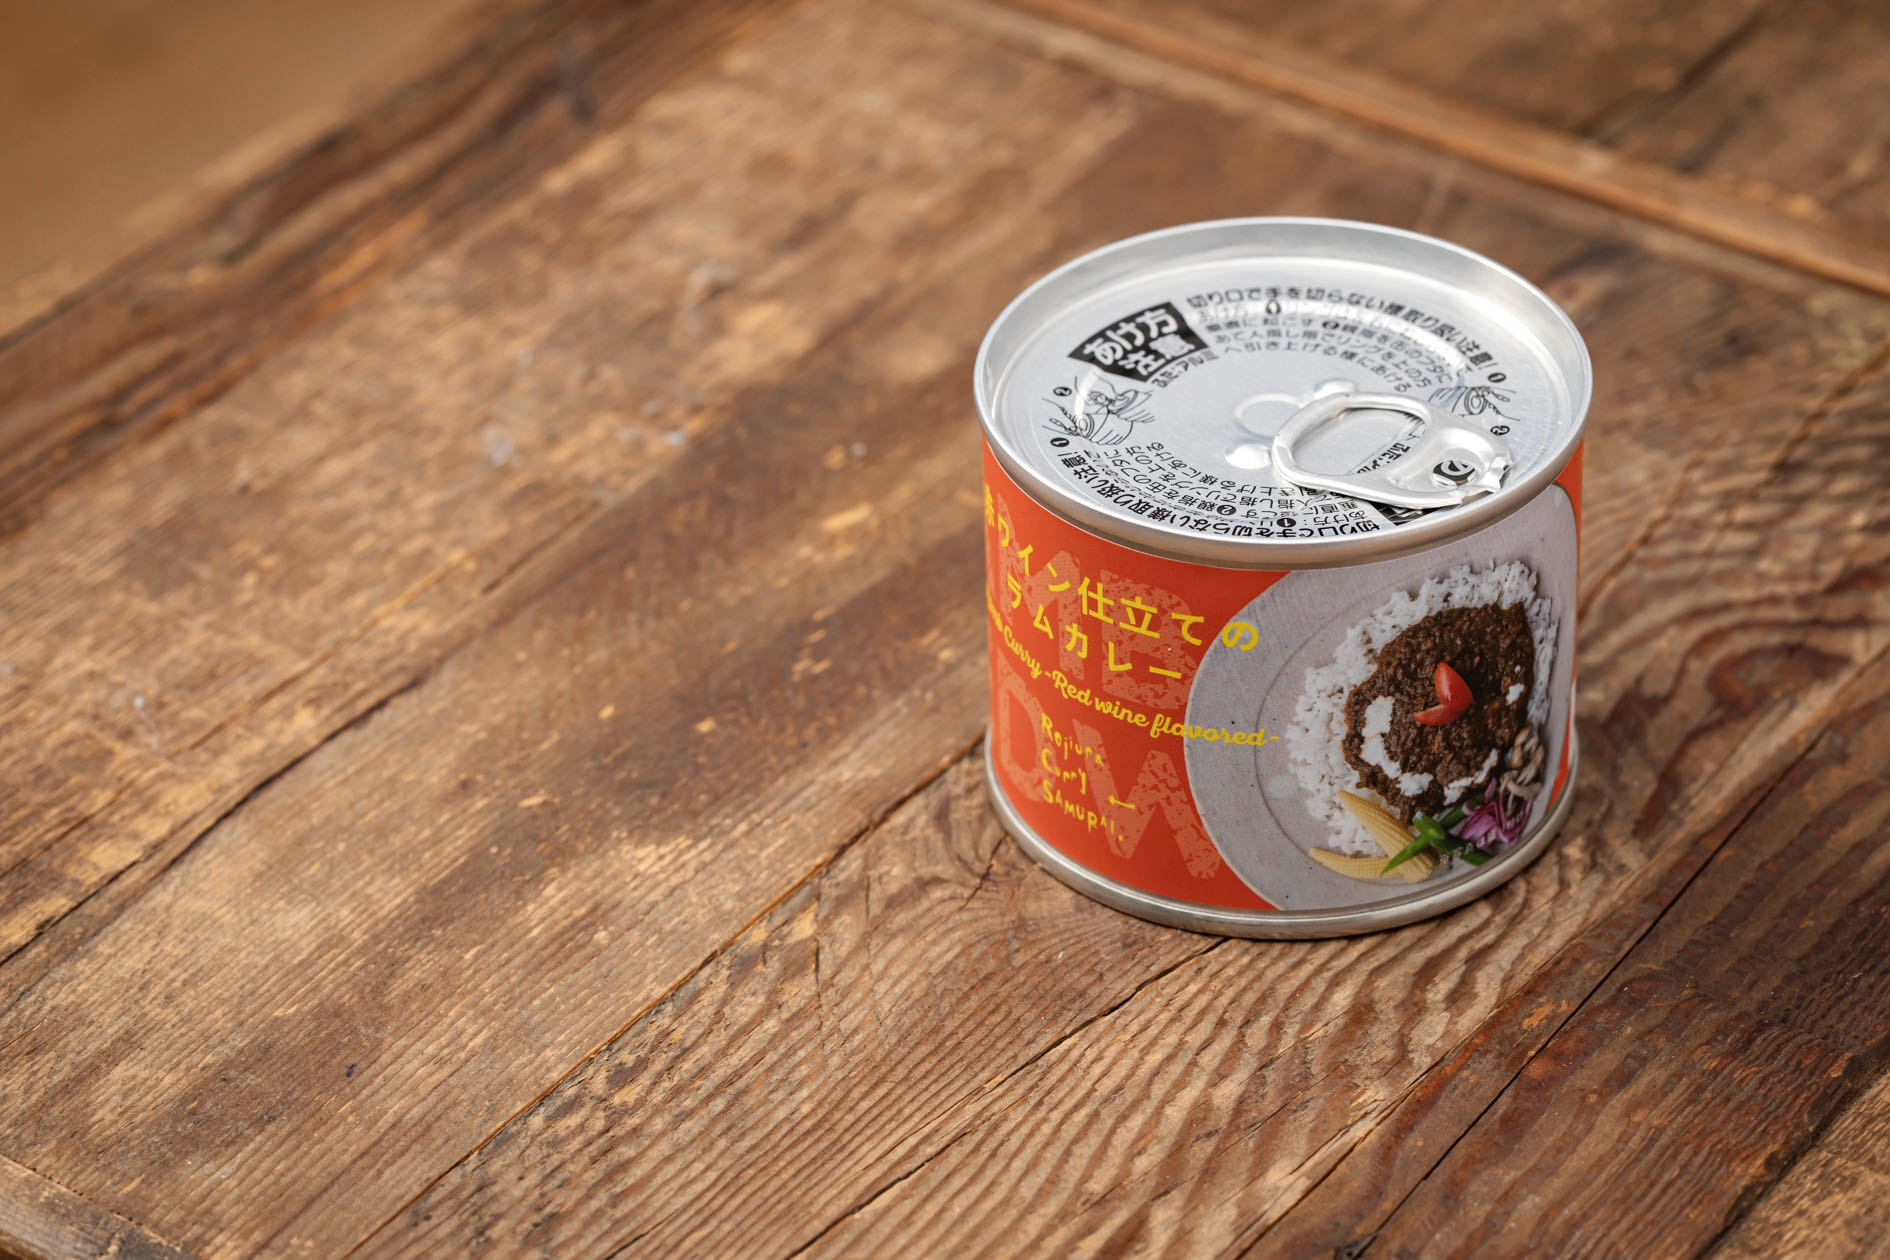 スープカリィ侍のレトルト商品「赤ワイン仕立てのラムカレー缶詰」